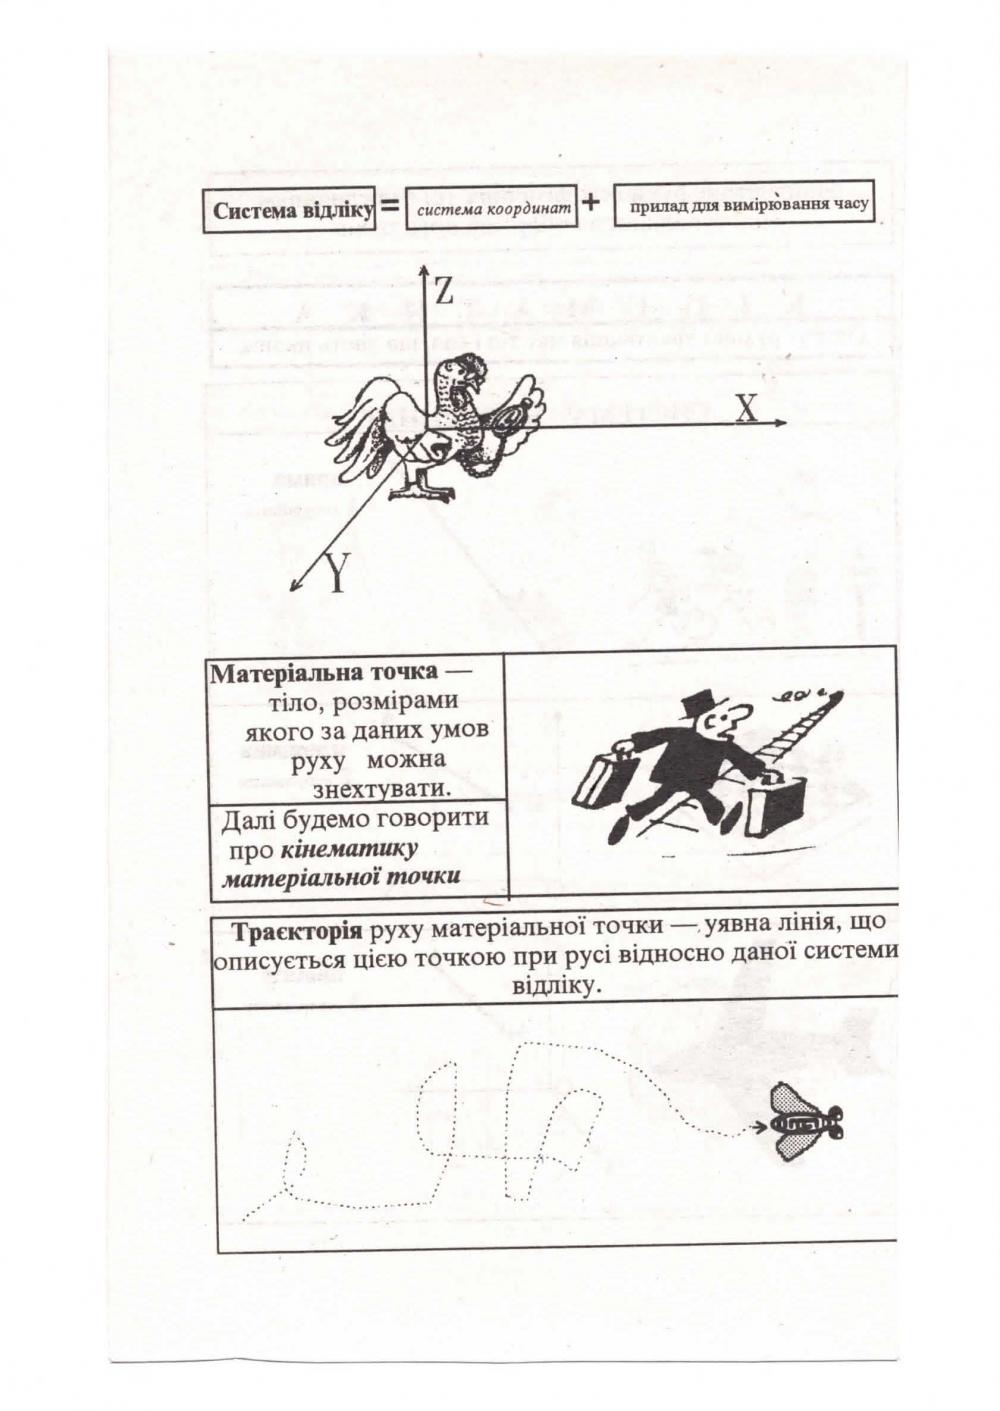 Фізика в таблицях і схемах : Почтаренко Г. Логос. купити 9